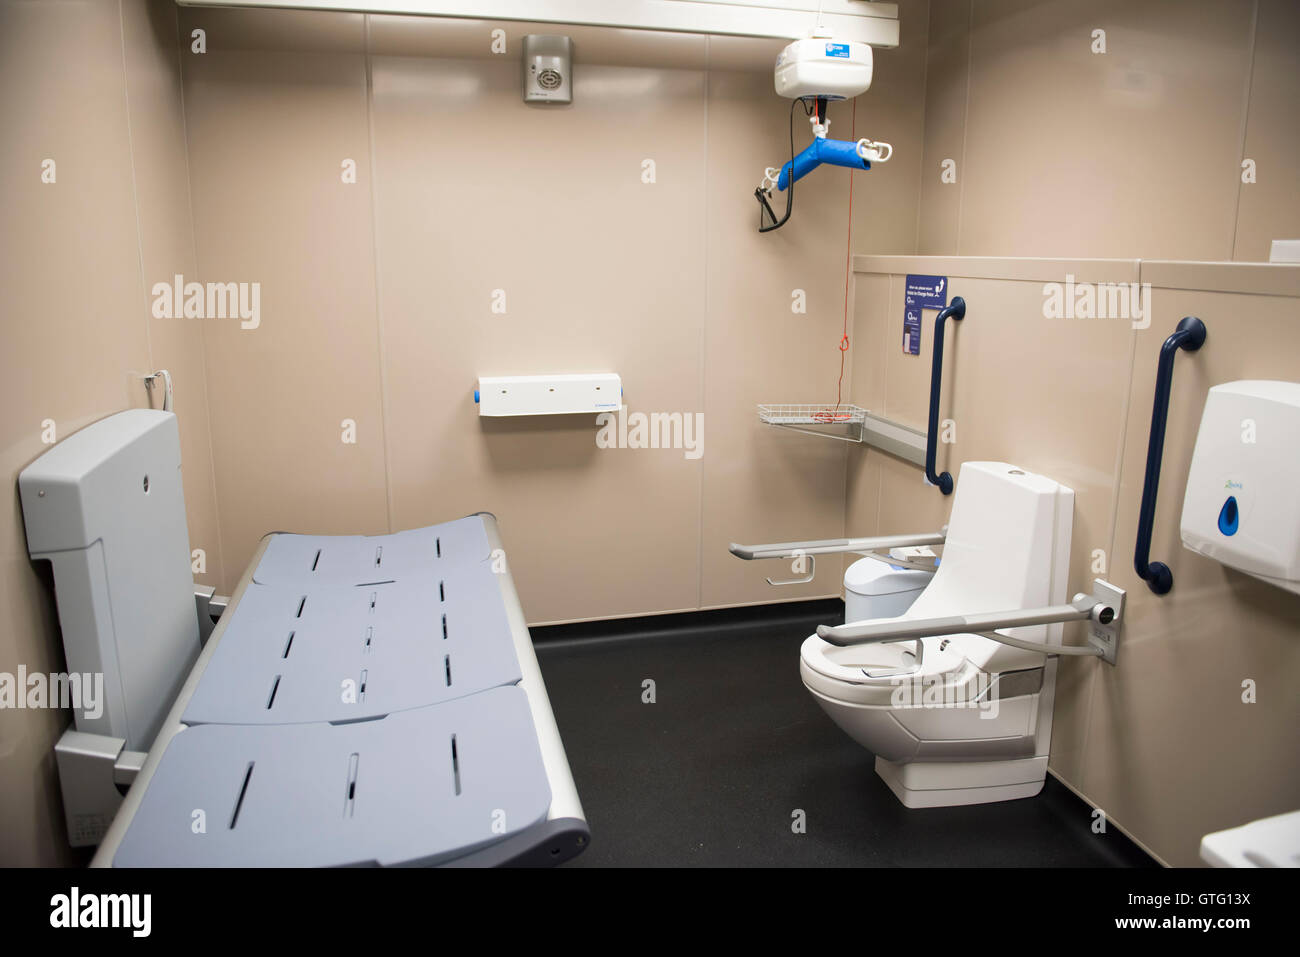 behindertentoilette und wickelraum einrichtungen in einer. Black Bedroom Furniture Sets. Home Design Ideas